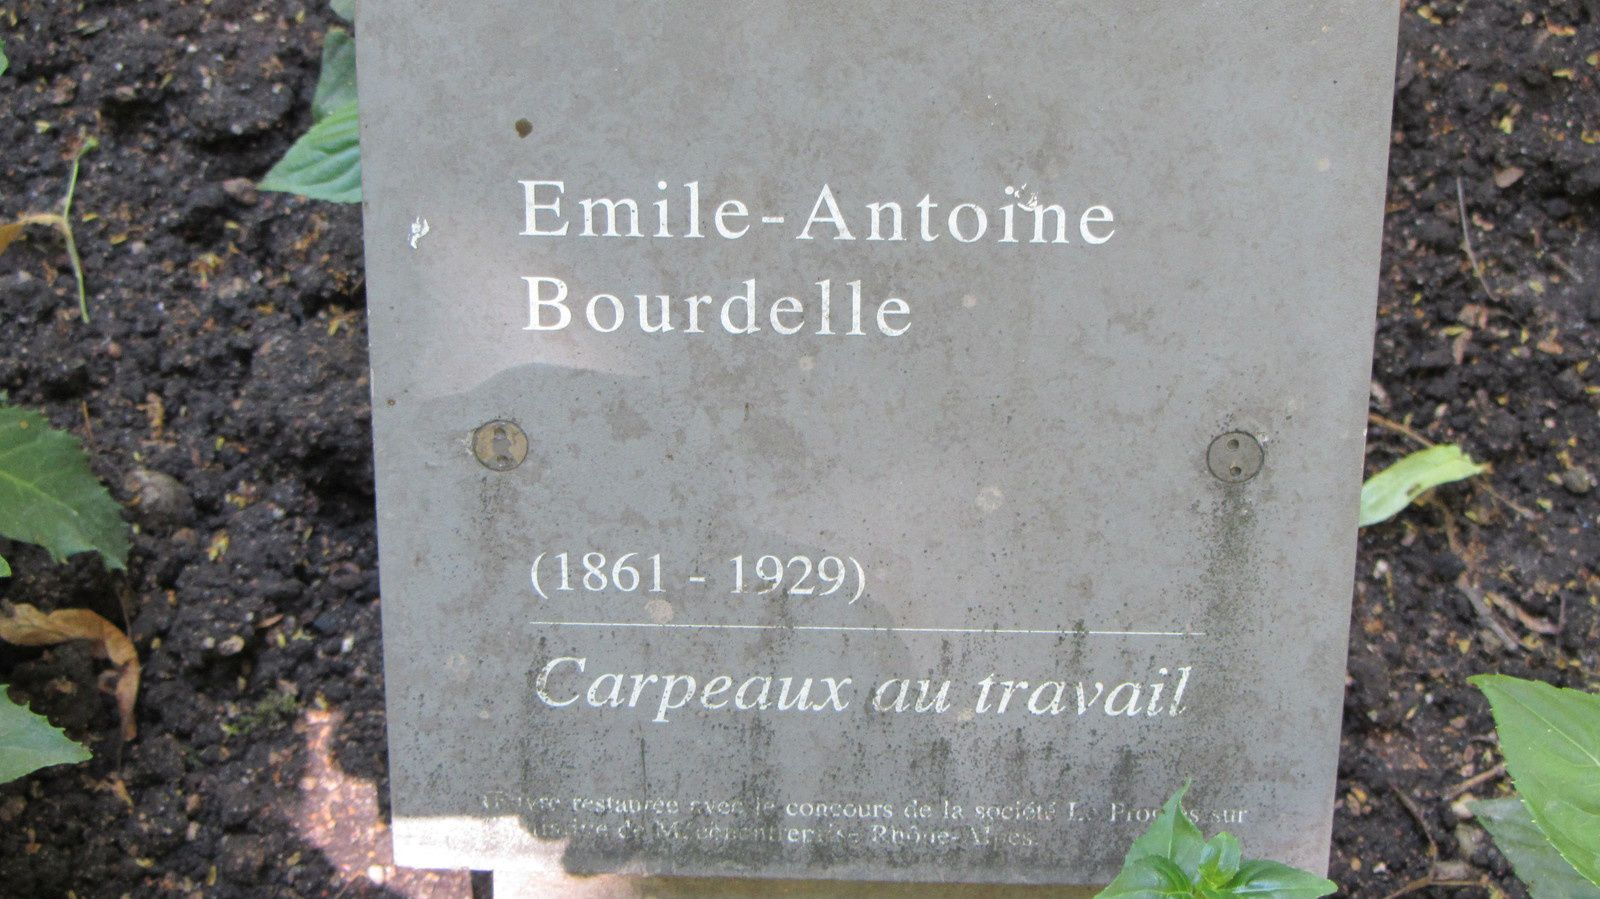 CARPEAUX au travail par BOURDELLE dans le jardin du musée des Beaux Arts de Lyon